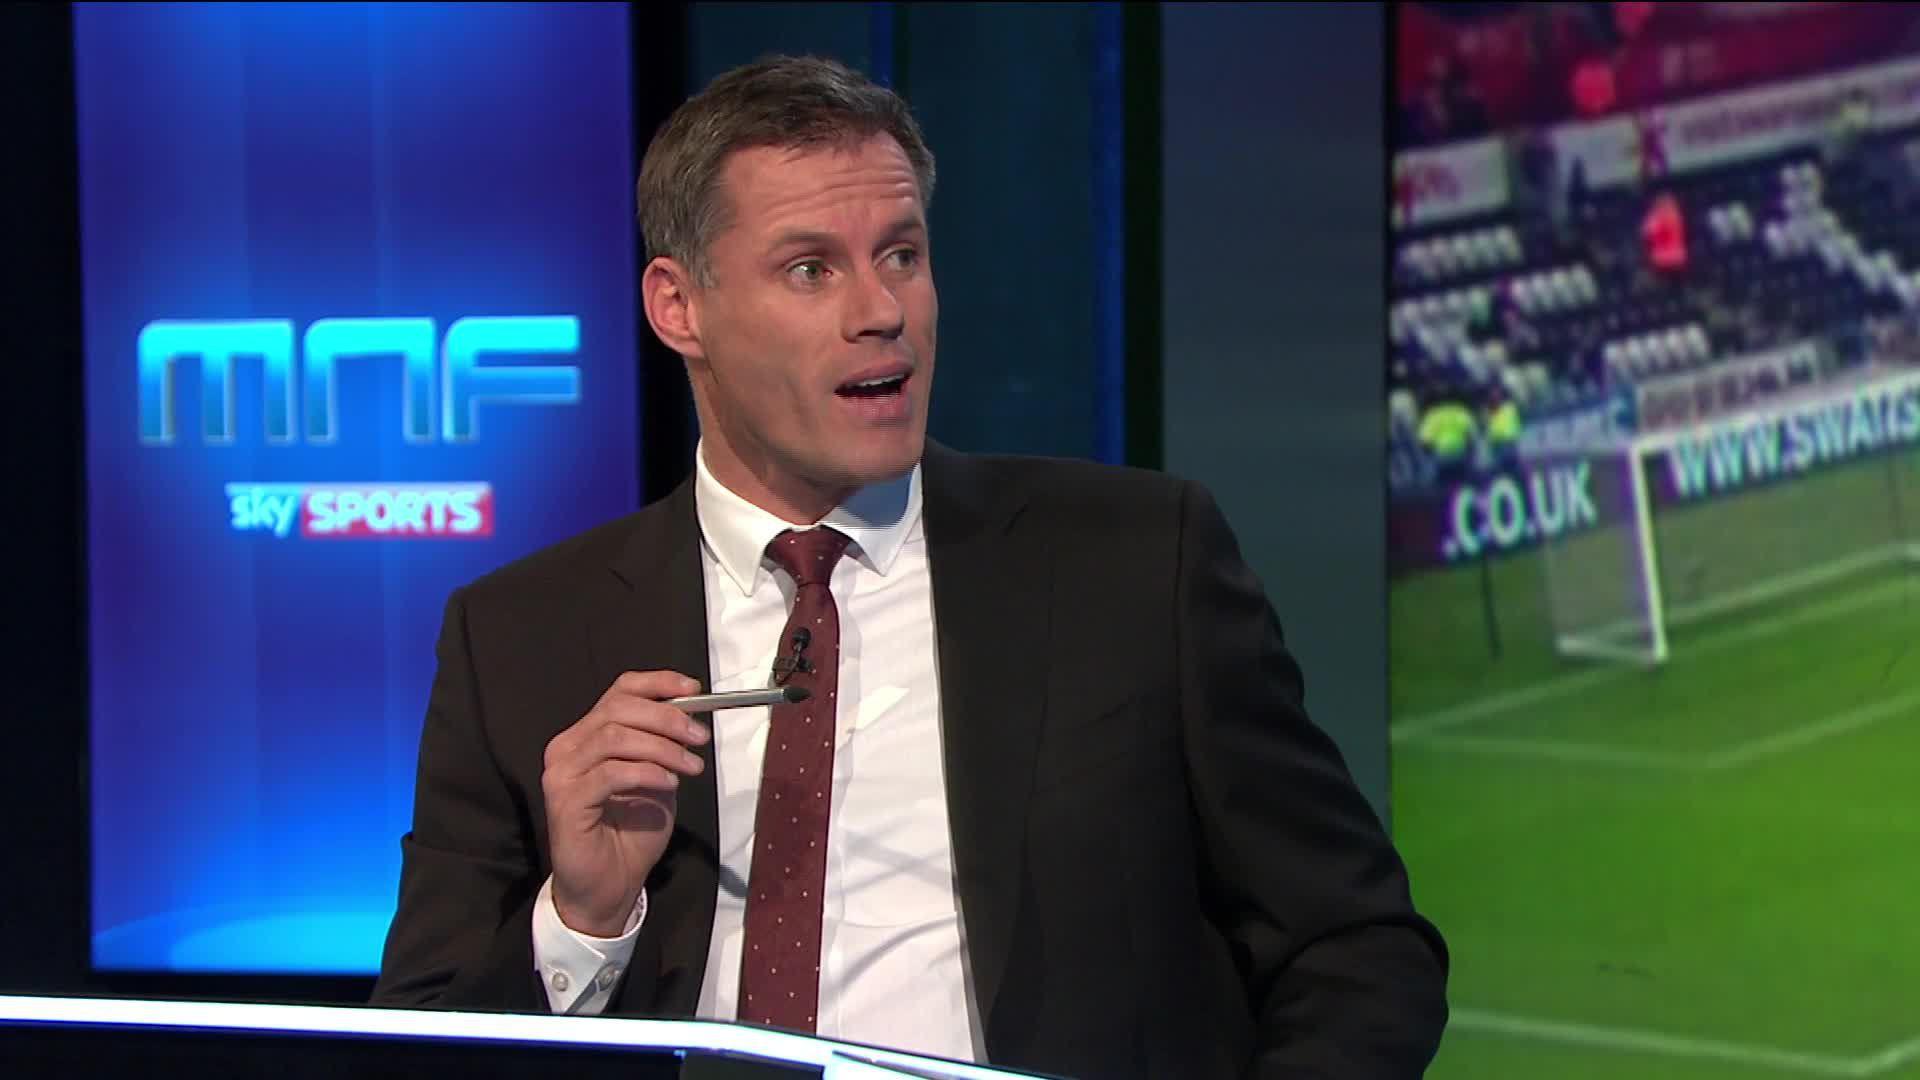 Huyền thoại Liverpool nhổ nước bọt vào mặt fan nữ 14 tuổi của Man Utd - Ảnh 4.